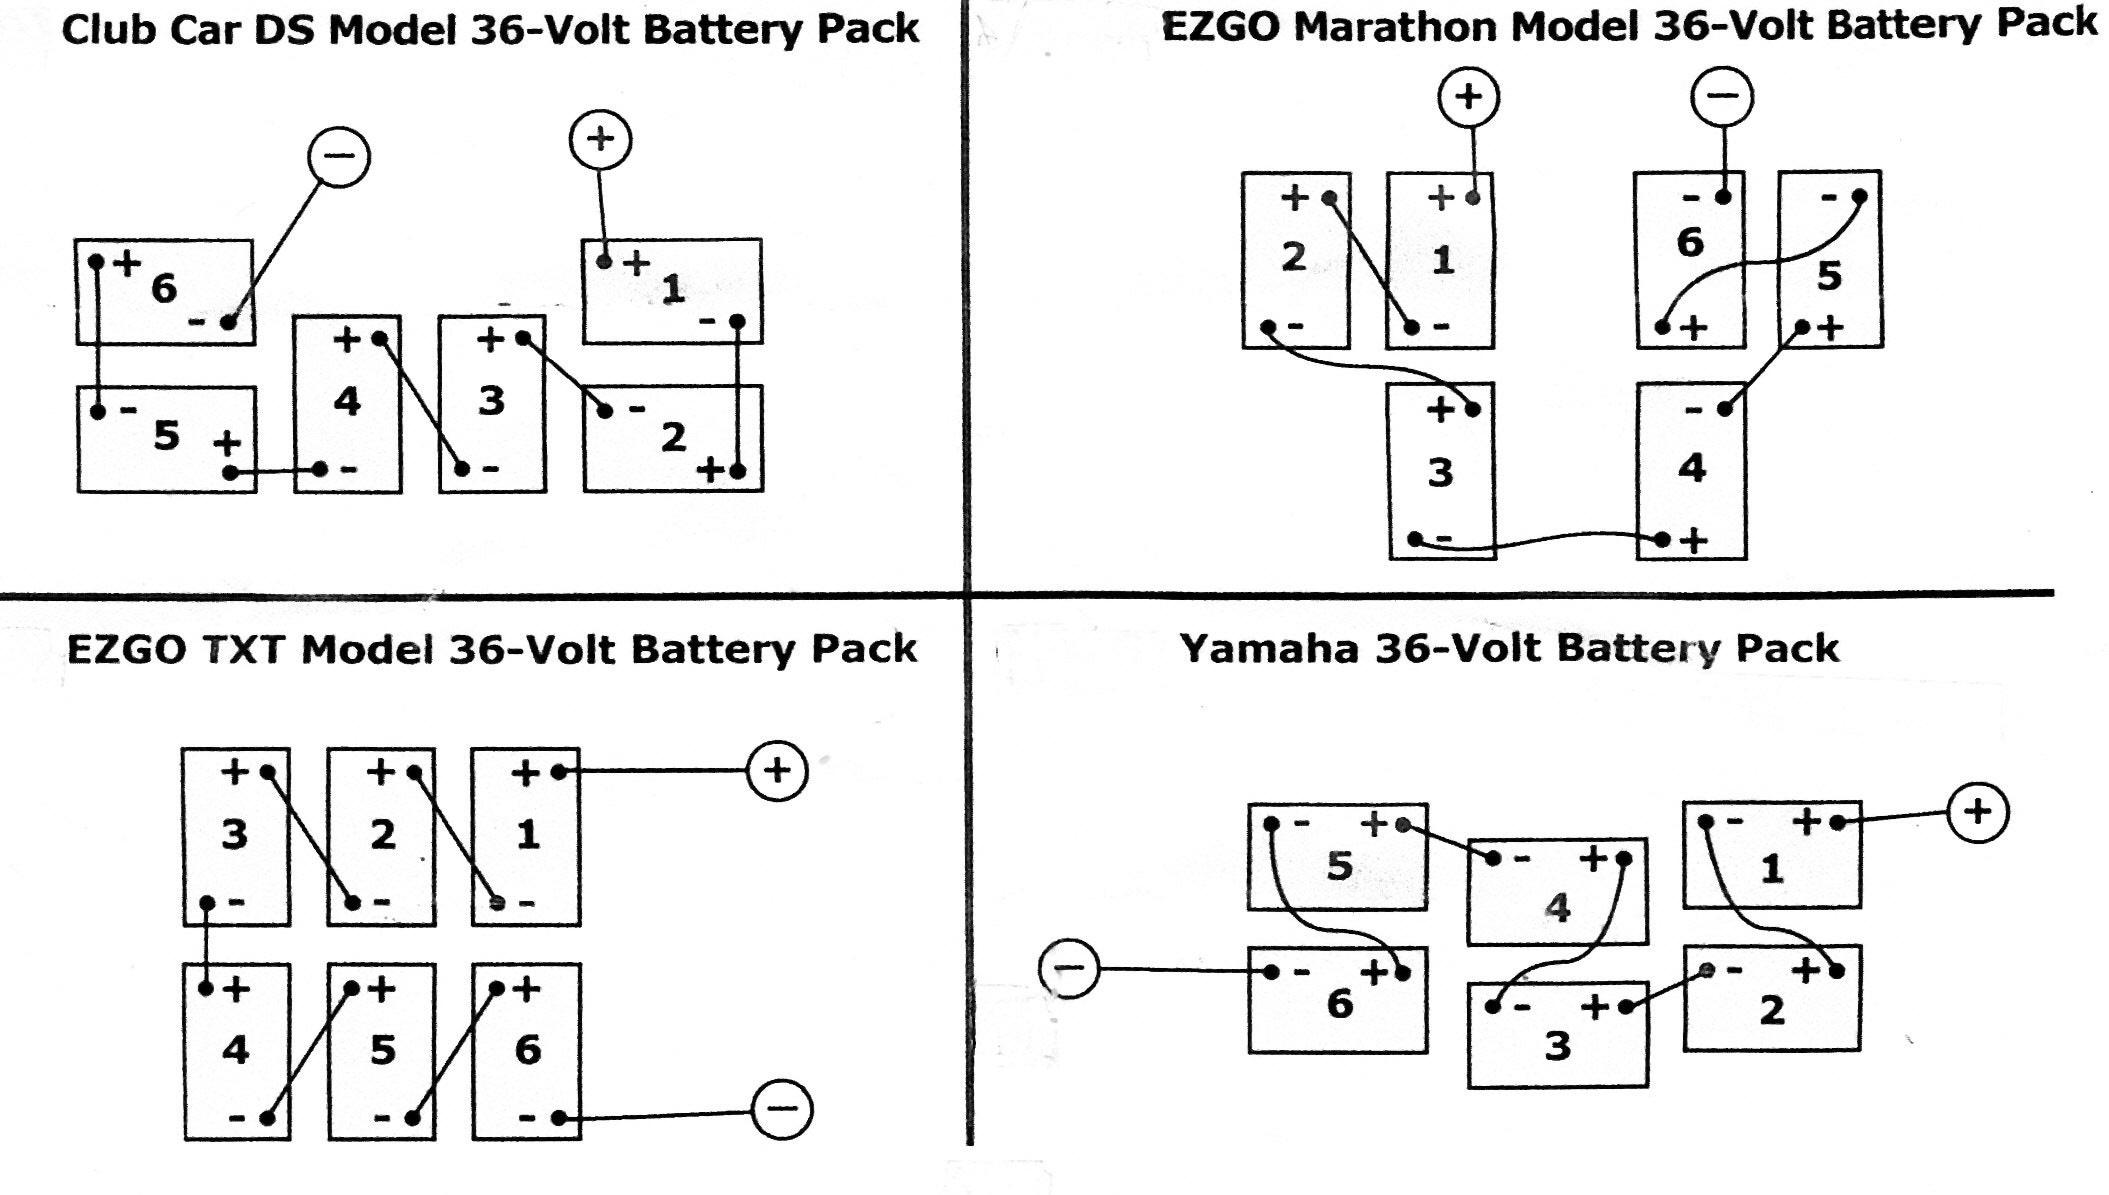 Golf Cart Voltage Reducer Wiring Diagram | Wiring Diagram - Golf Cart Voltage Reducer Wiring Diagram